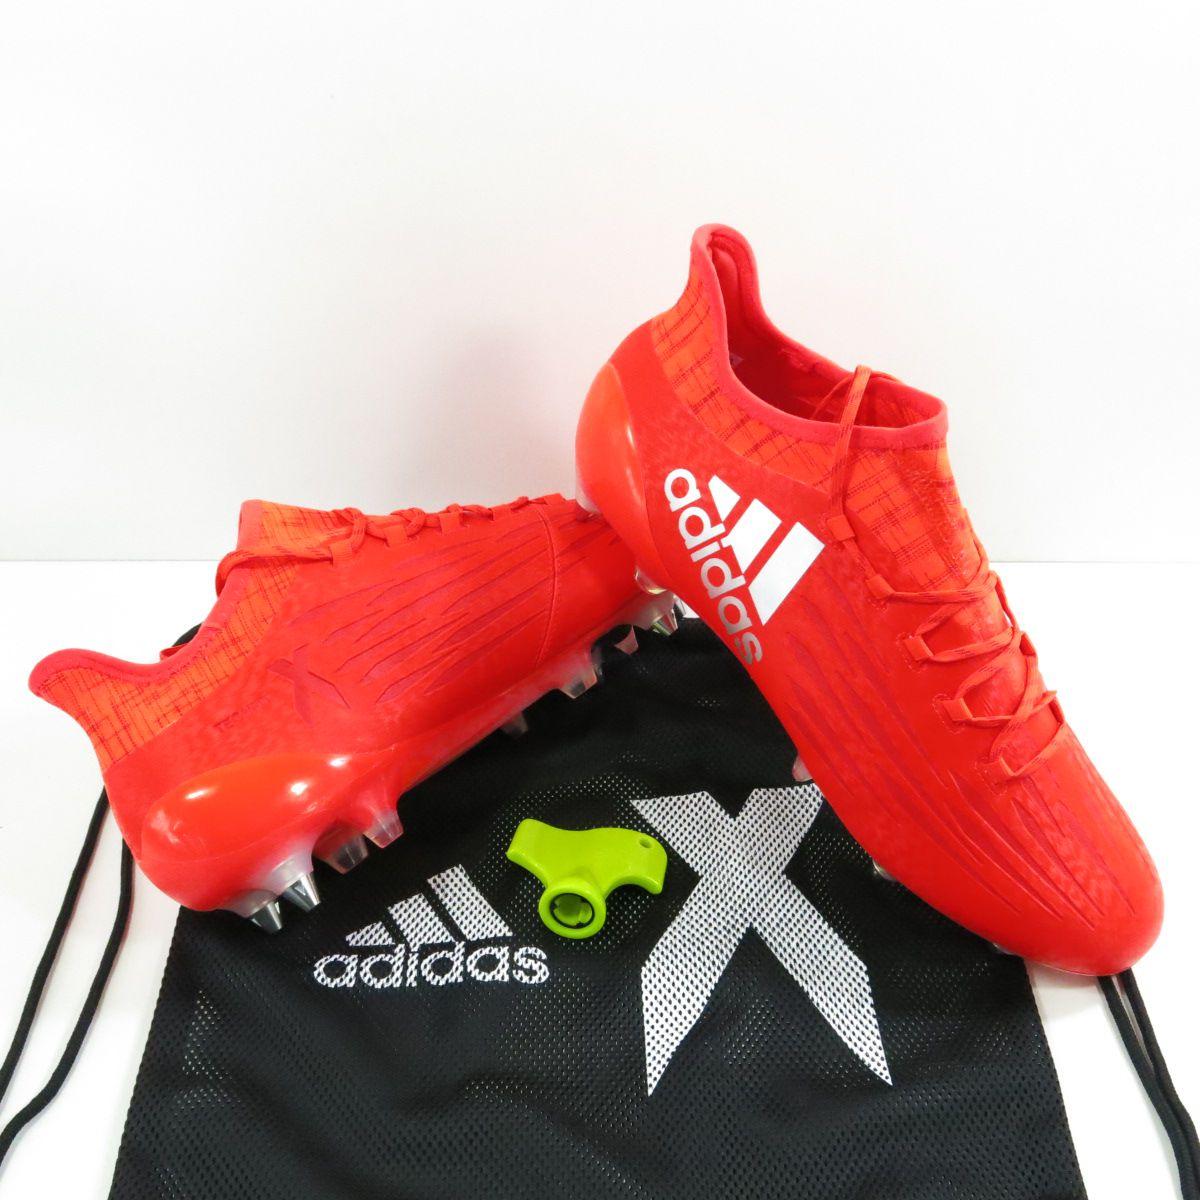 Chuteira Adidas X 16.1 SG Elite - Trava Mista